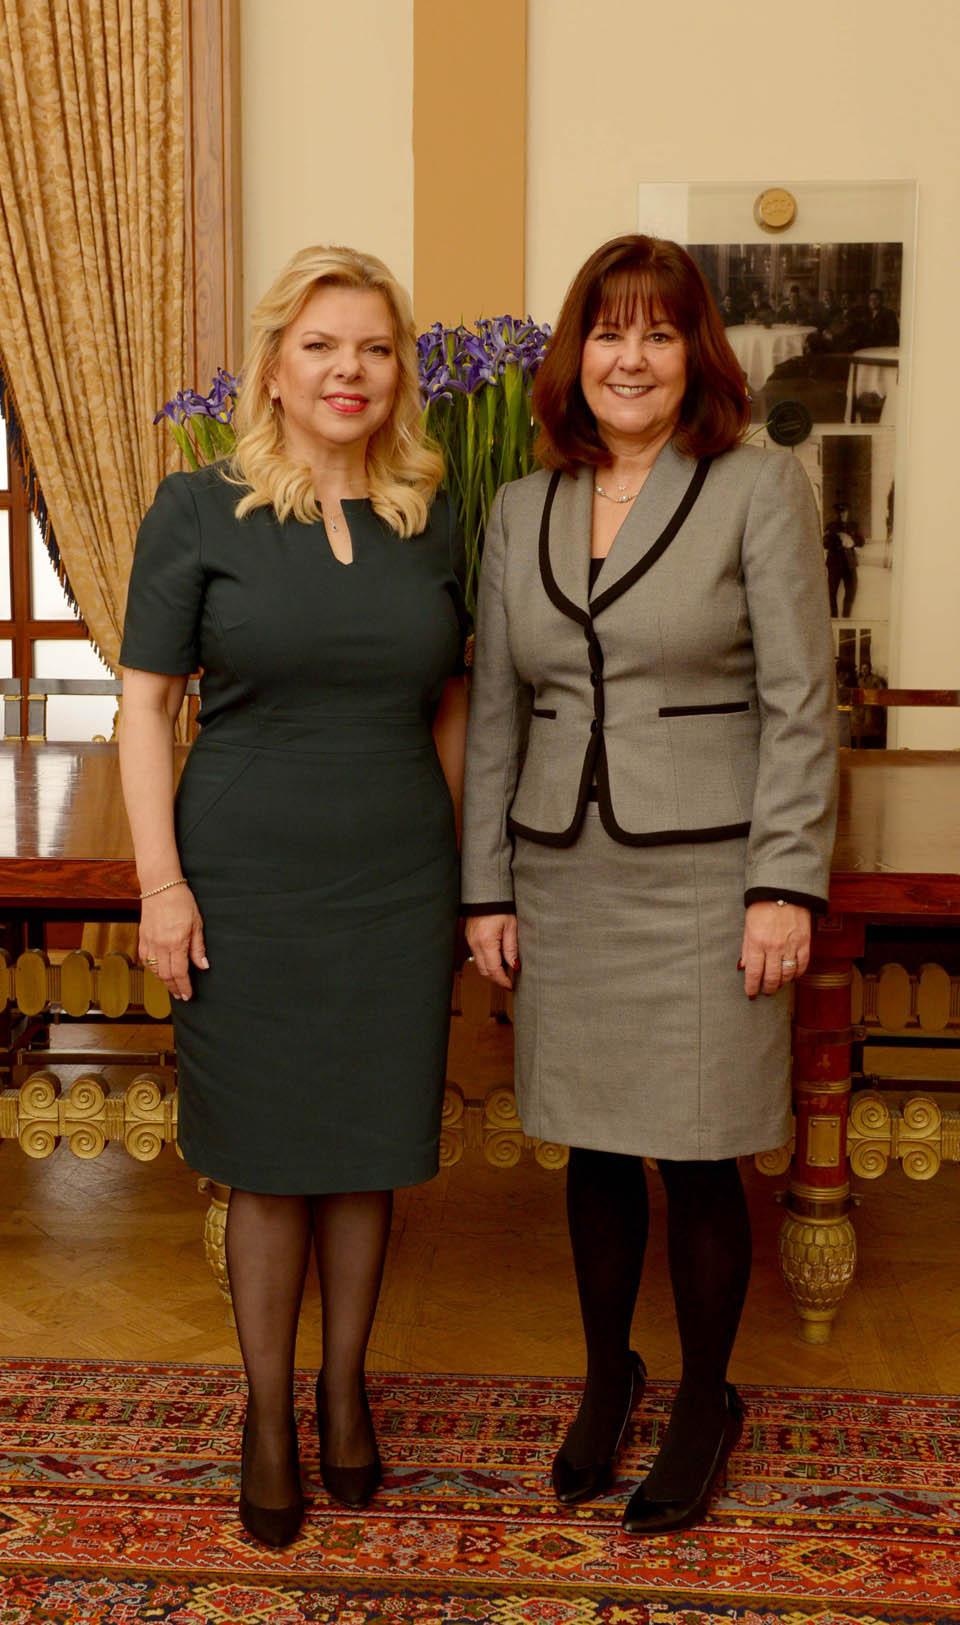 Сара Нетаниягу и Карен Пенс, супруга заместителя вице-президента США. Фото: ЛААМ